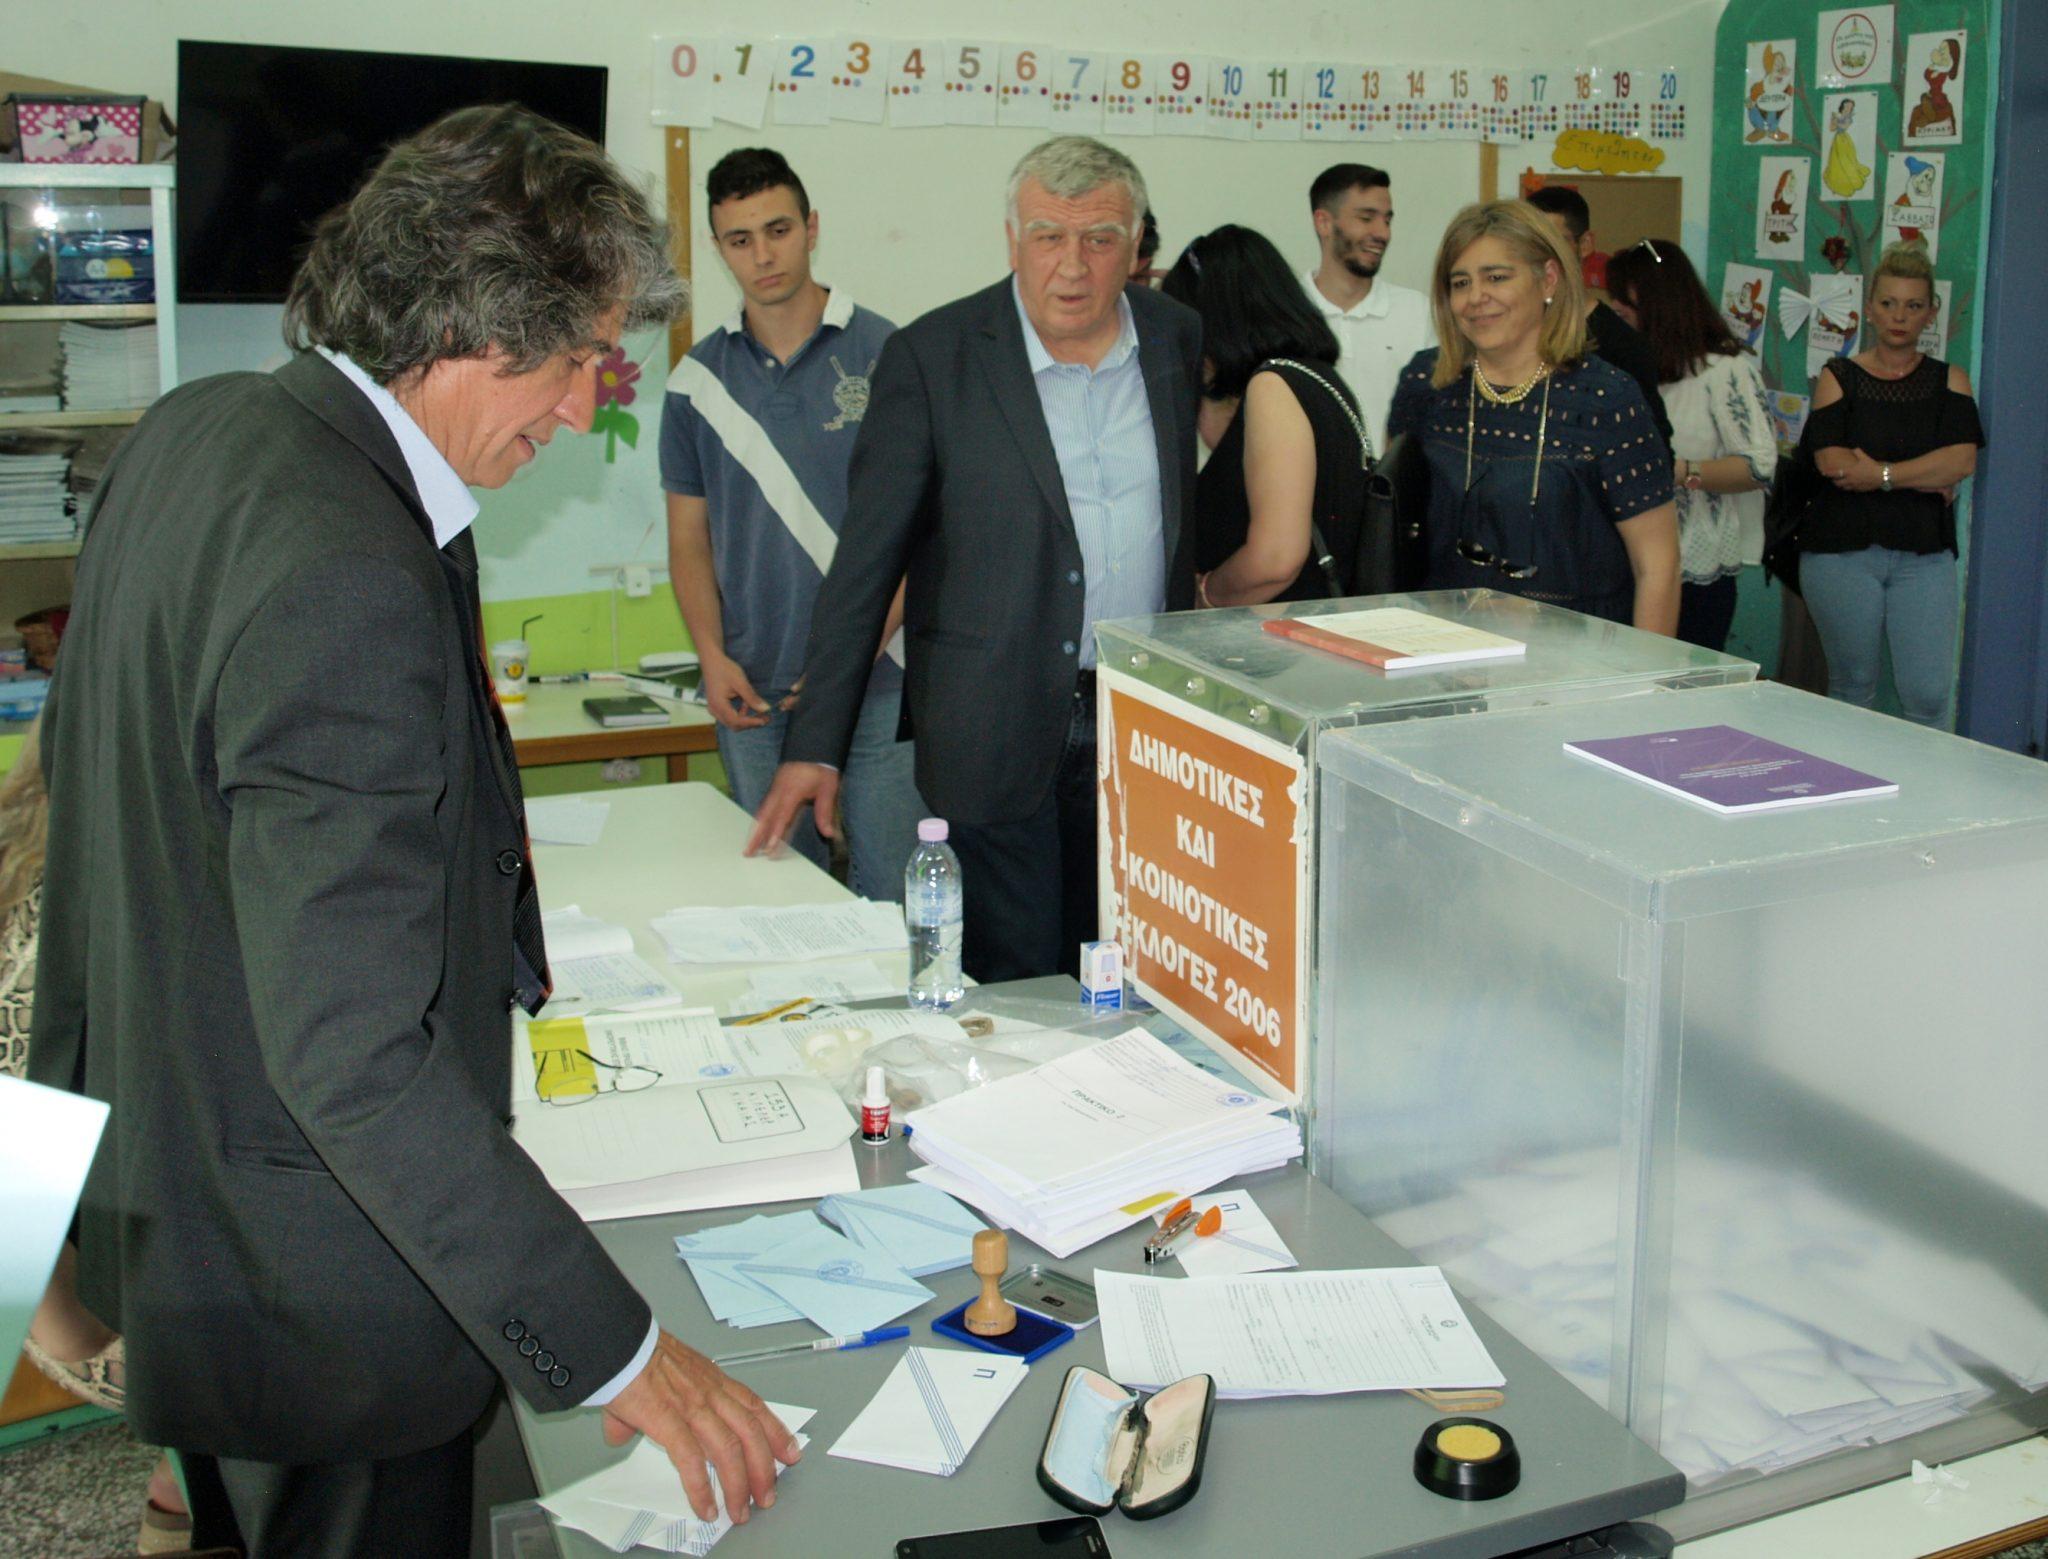 Εκλογικά κέντρα του Δήμου Κιλελέρ επισκέφθηκε ο Θανάσης Νασιακόπουλος